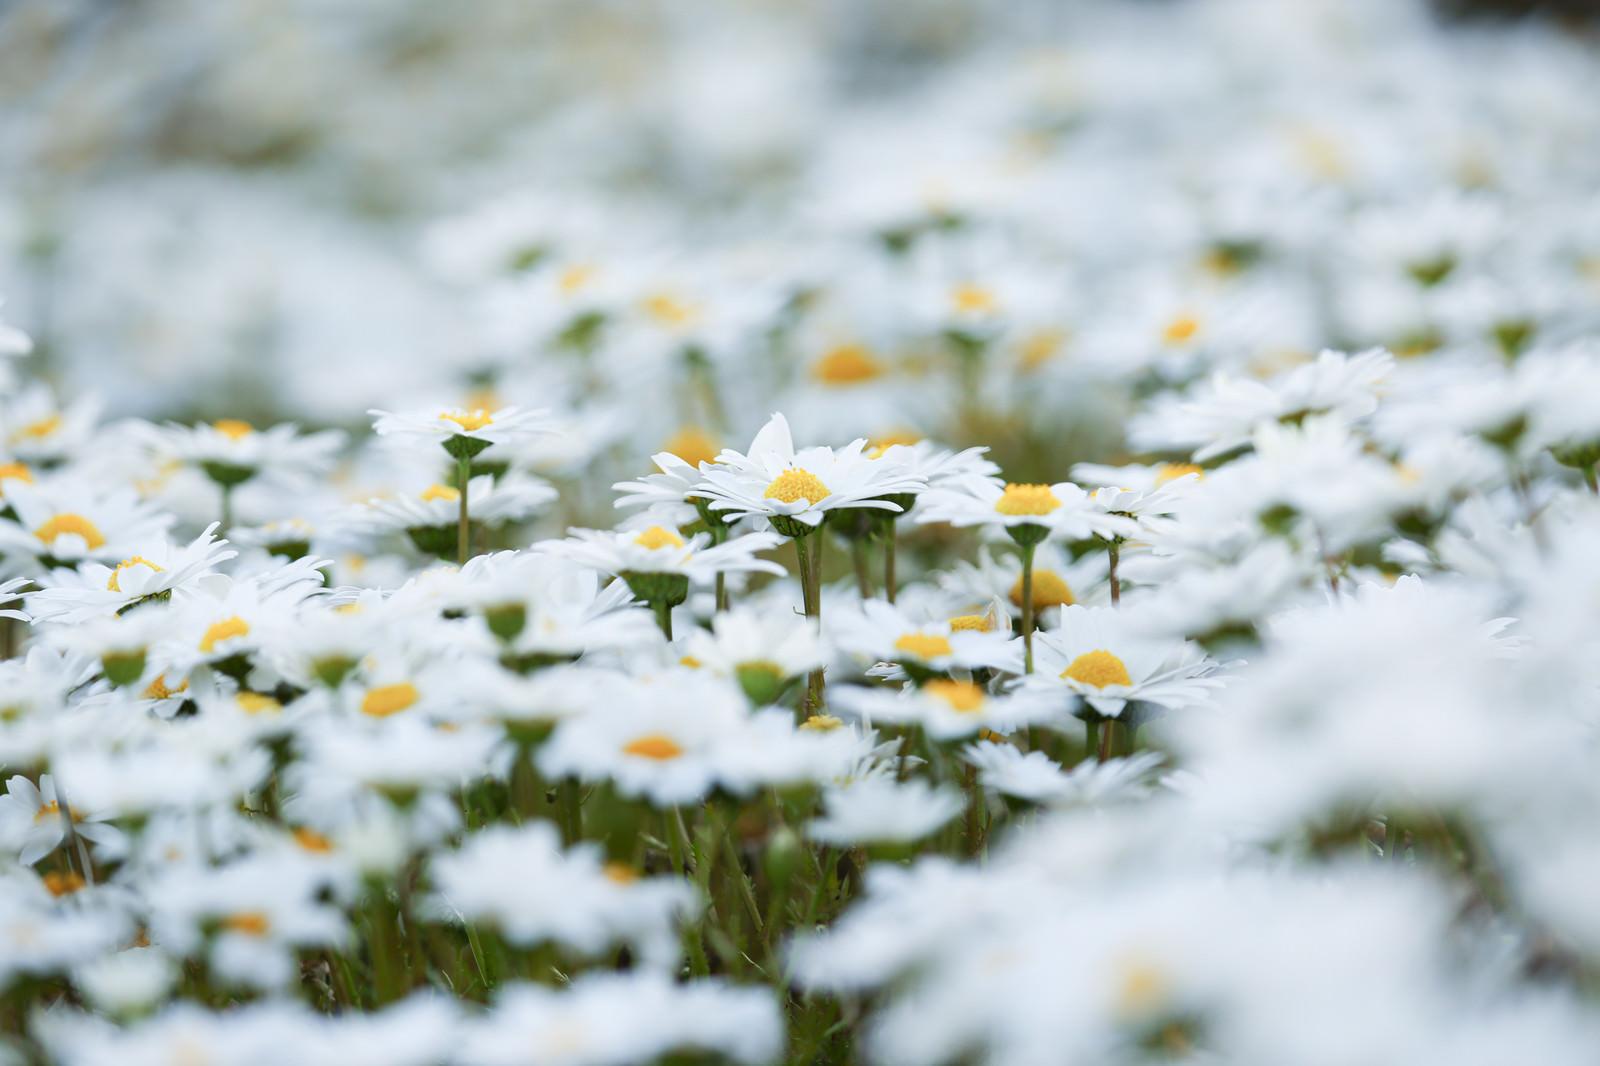 「あたり一面に咲くマーガレット」の写真